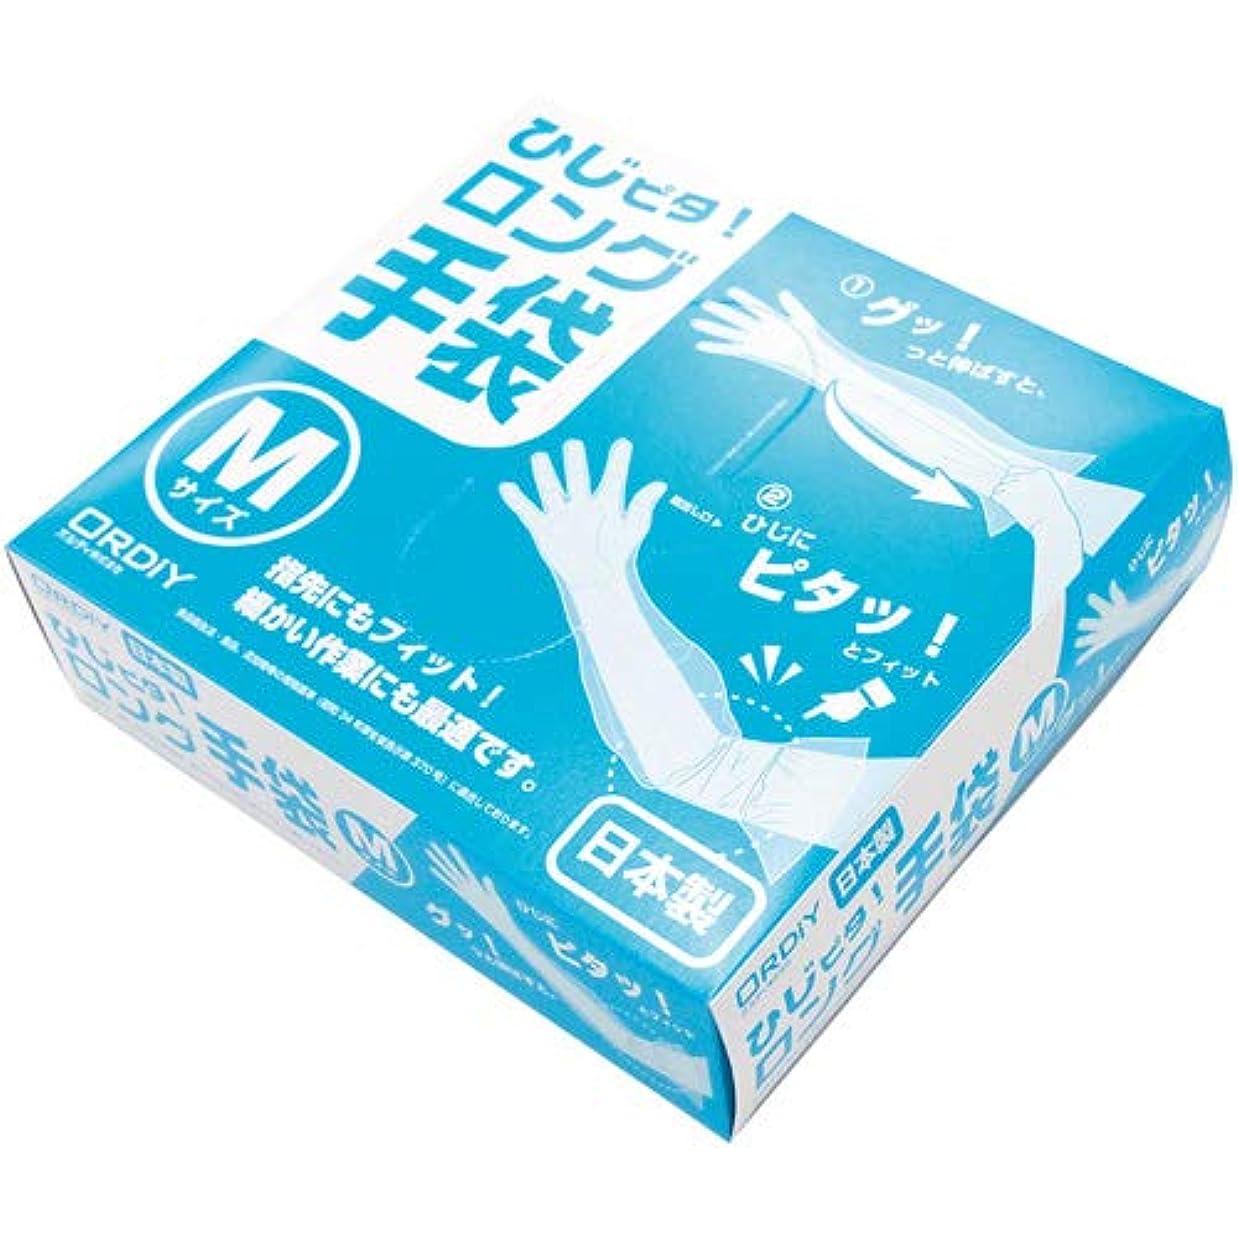 ボランティアグループ誰オルディ ひじピタロング手袋 M HLT-NM-100 1箱(100枚)